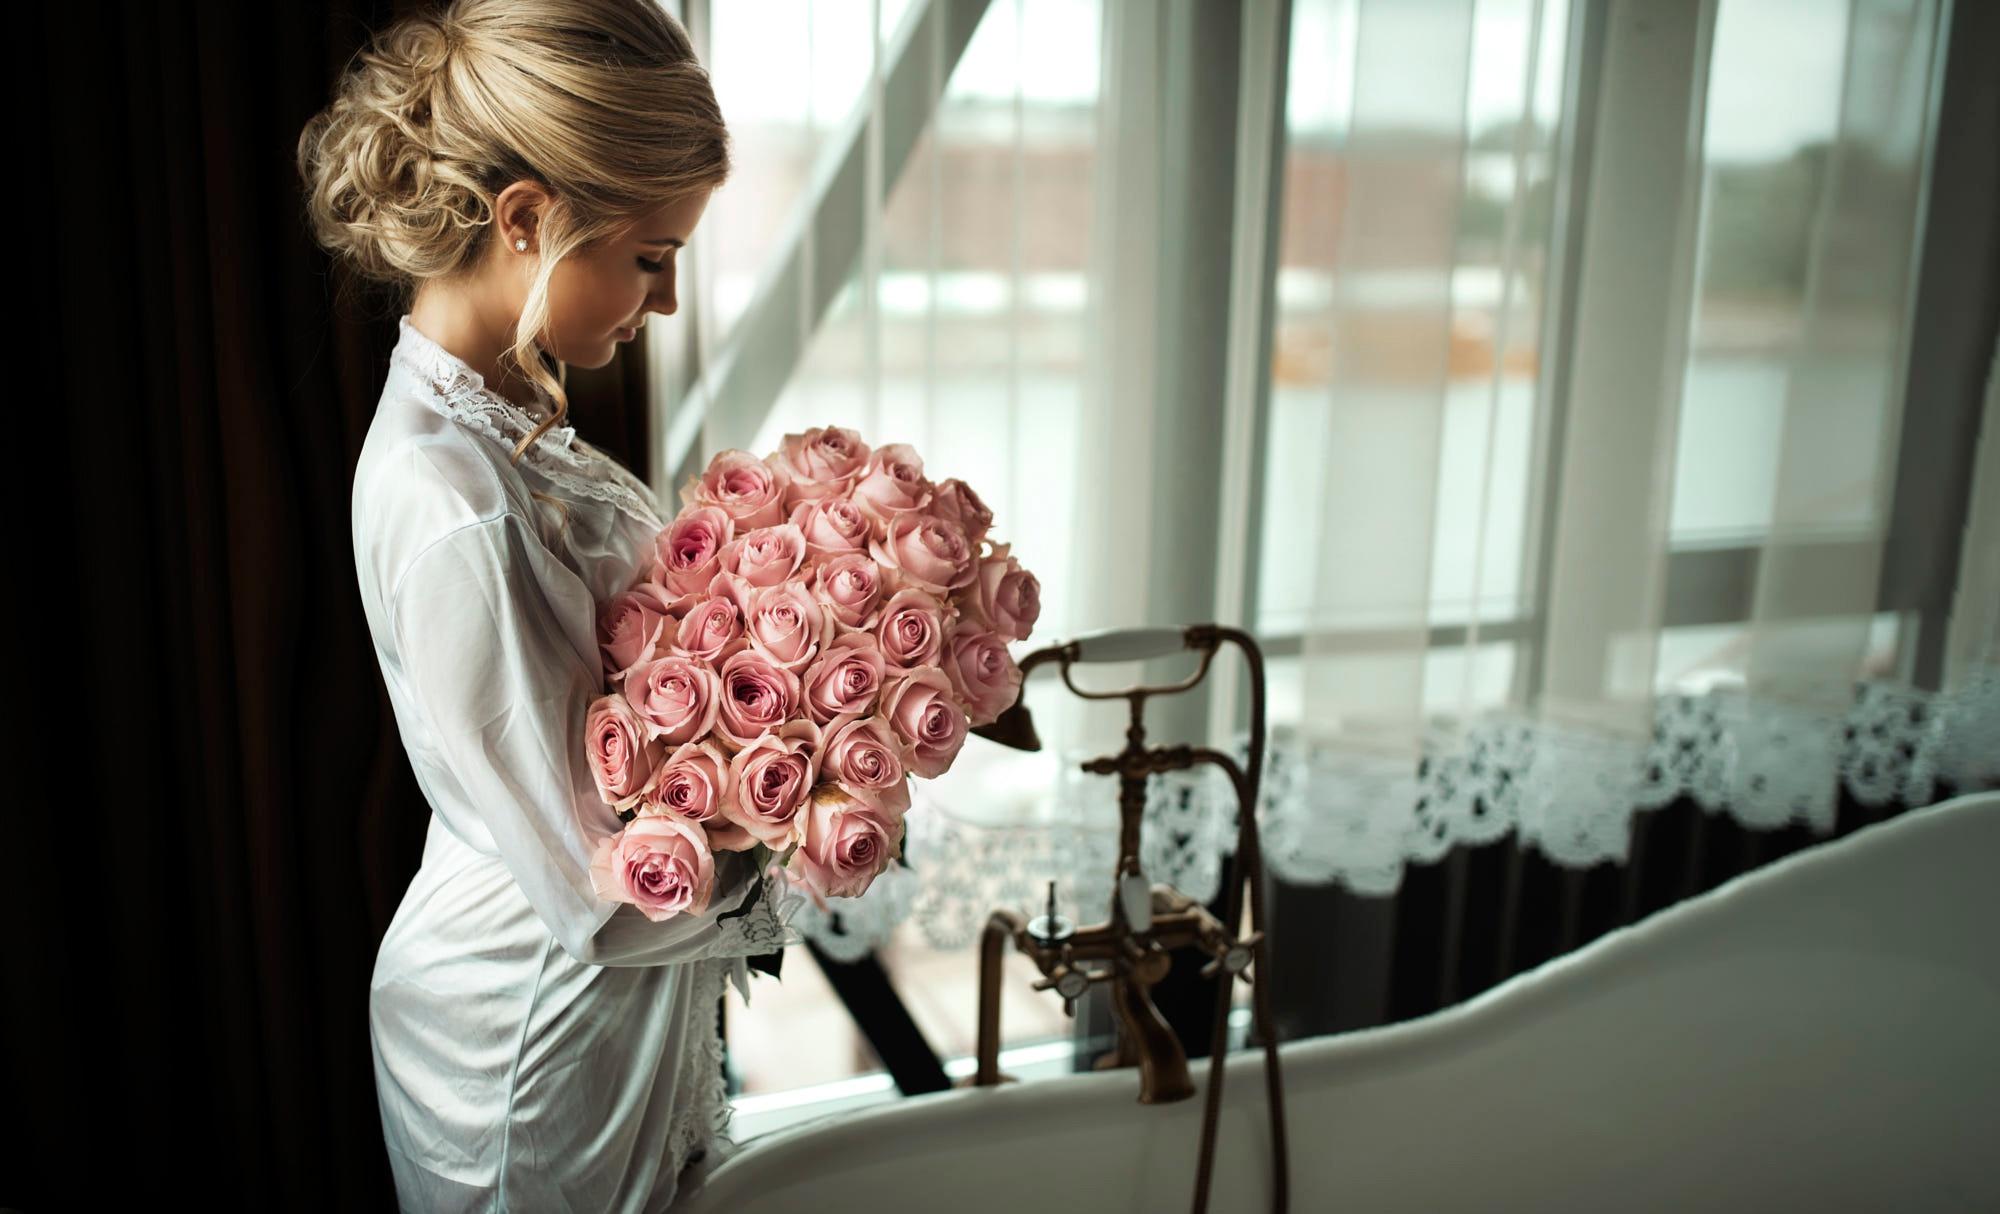 Картинки красивых девушек на аву с розами